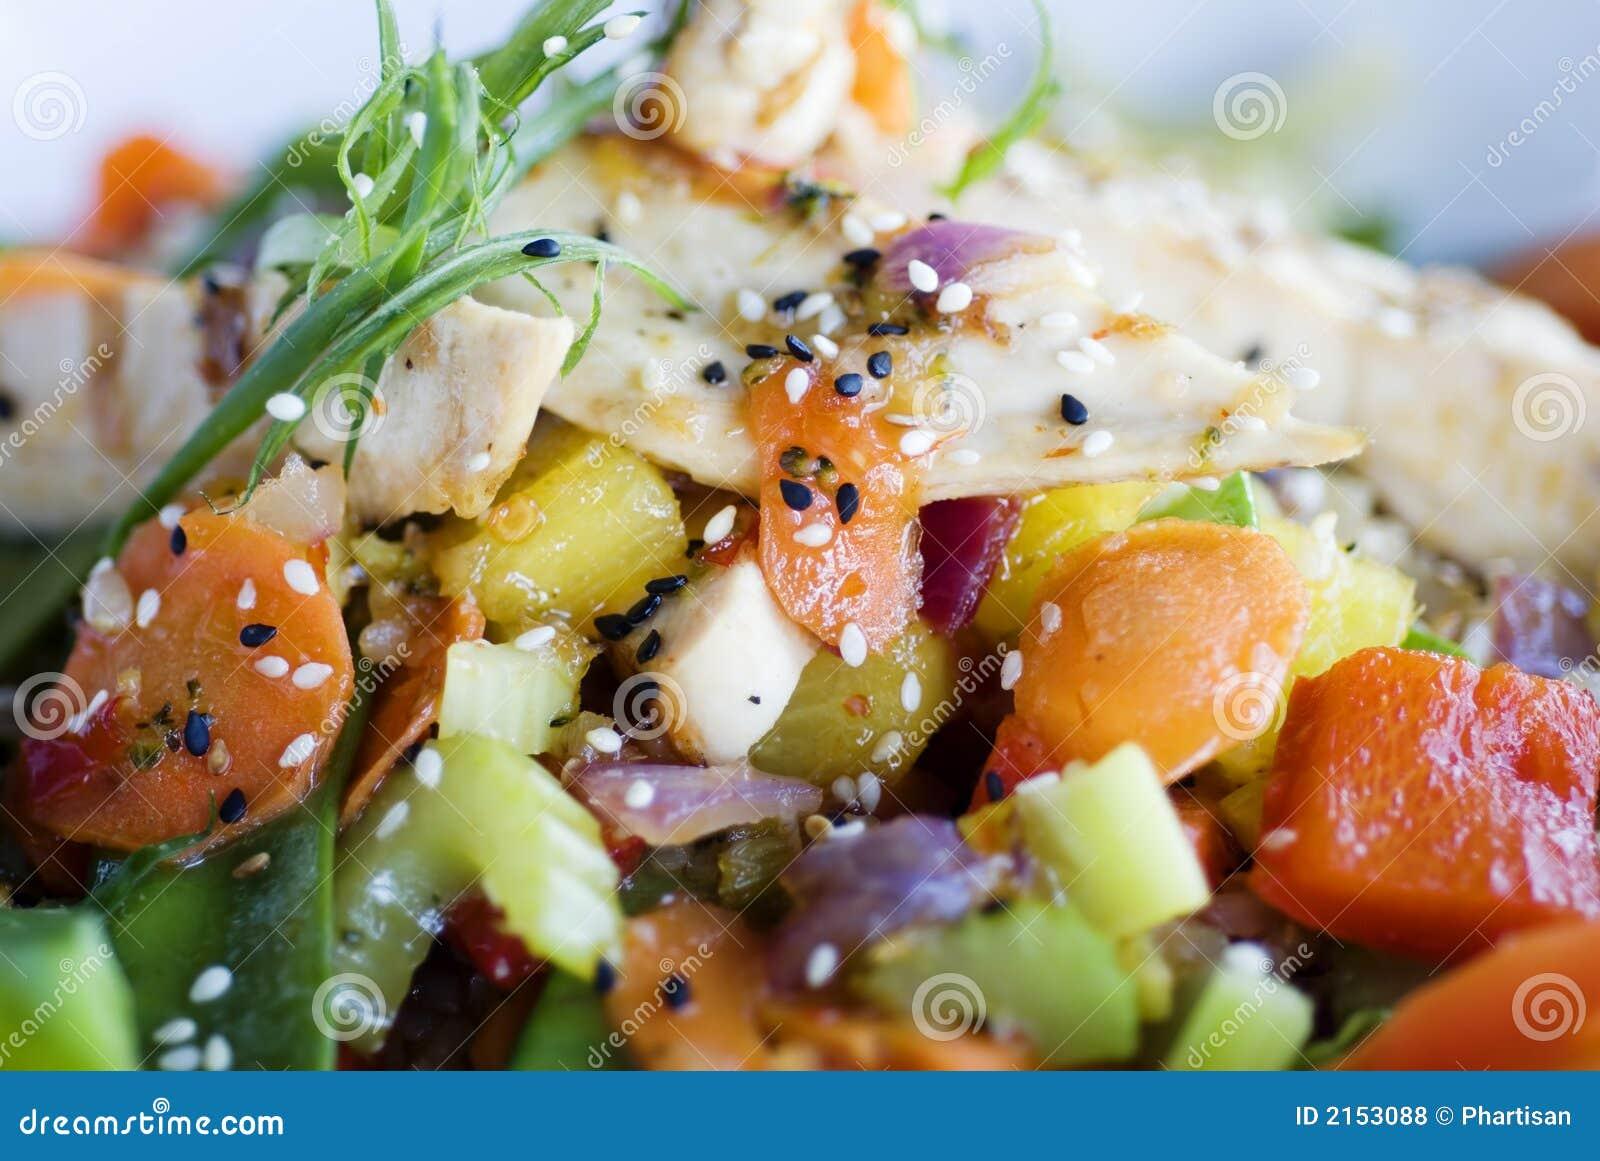 Pyszne Jedzenie Zdrowe Zdjecie Stock Obraz Zlozonej Z Dishware